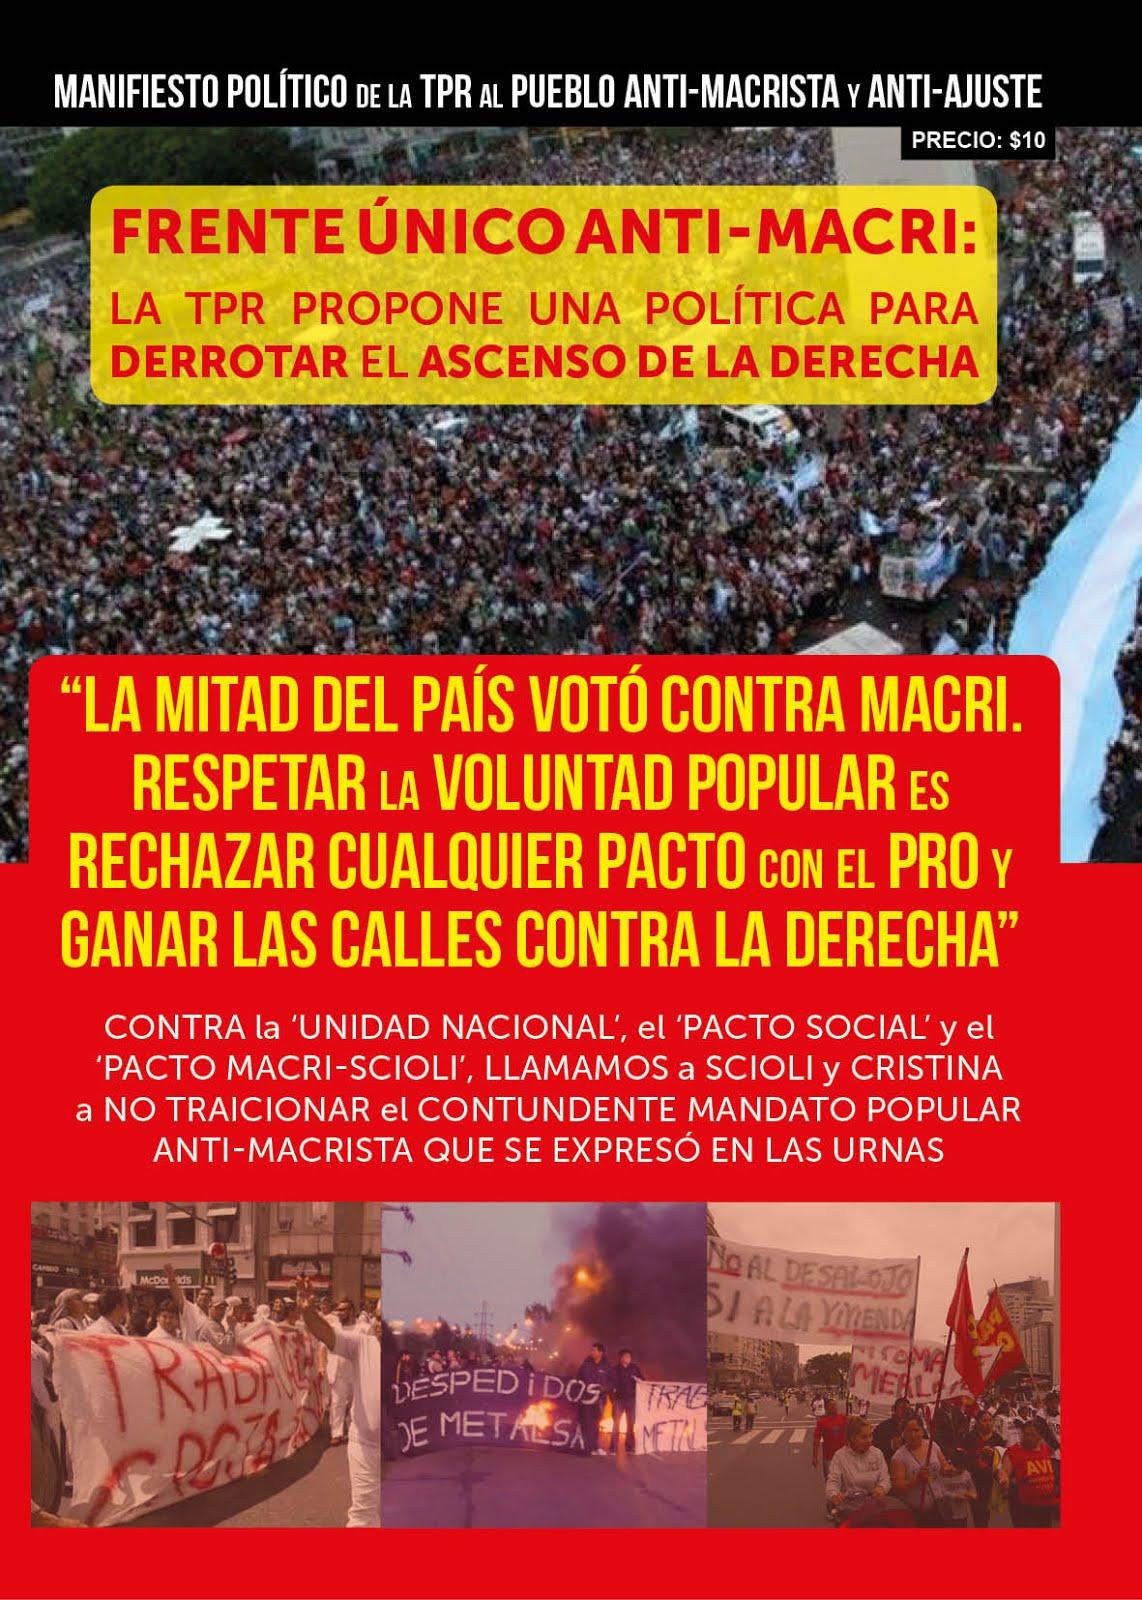 MANIFIESTO POLÍTICO DE LA TPR AL PUEBLO ANTI-MACRISTA Y ANTI-AJUSTE